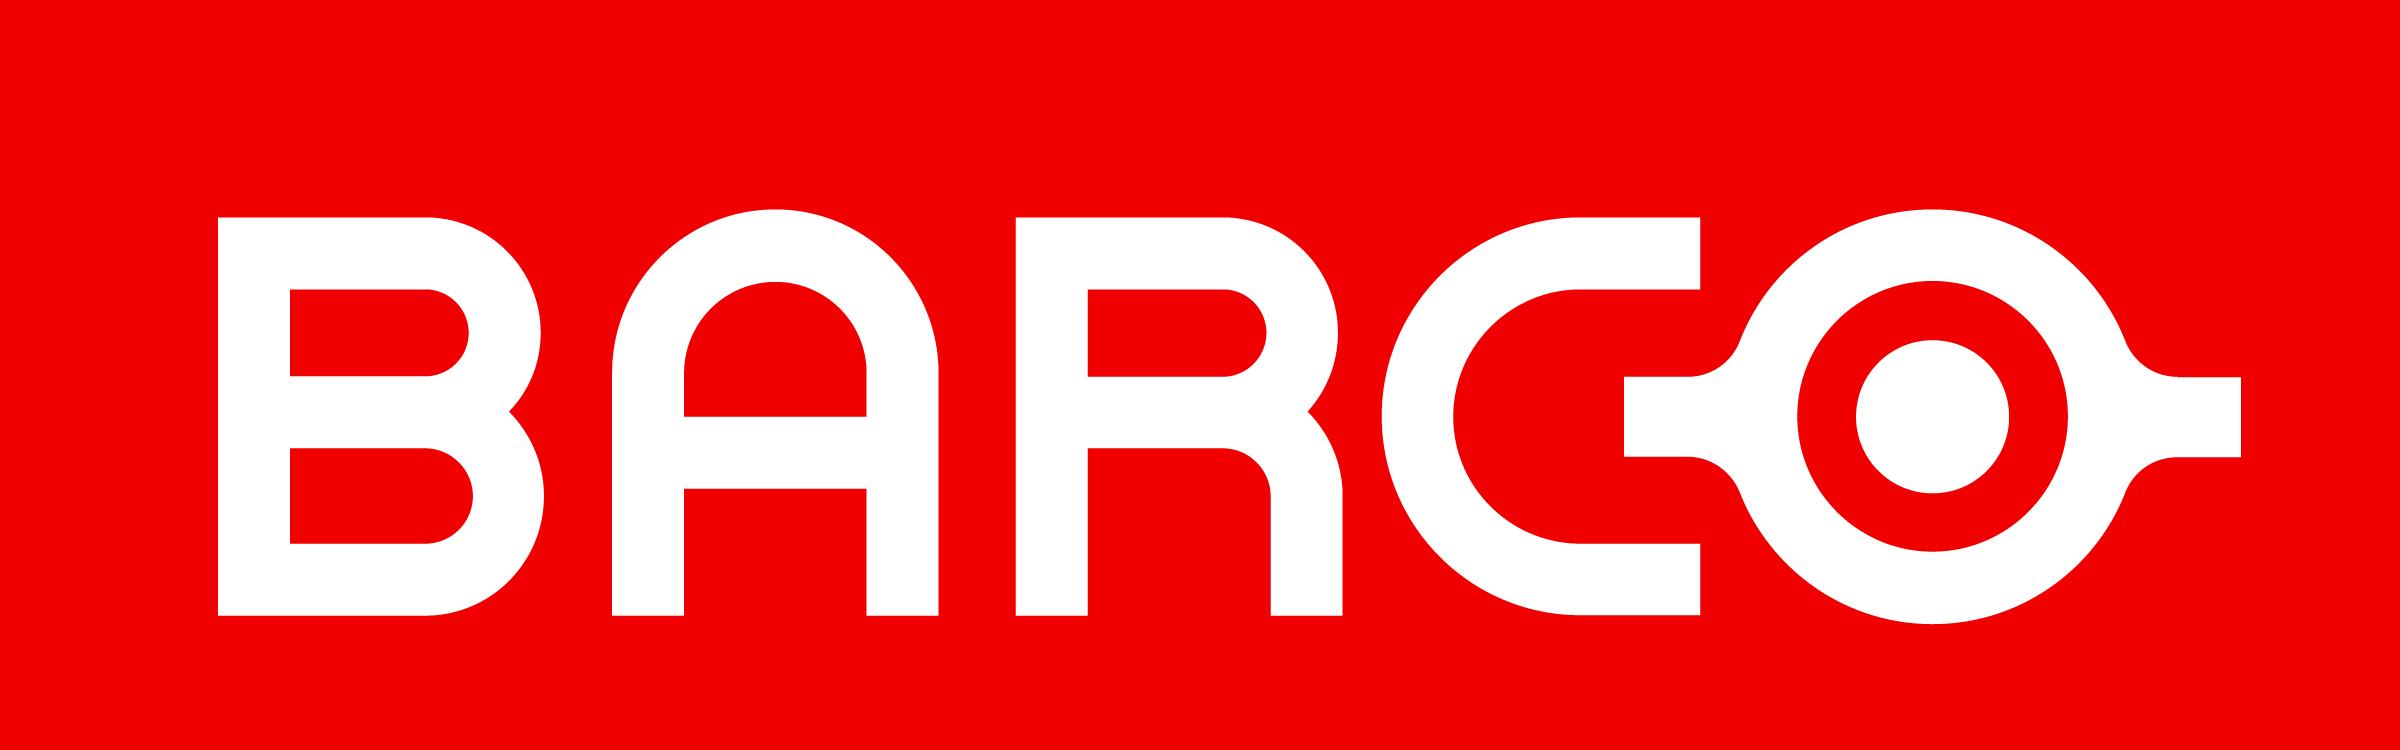 barco-logo-png-transparent-e1562184106652